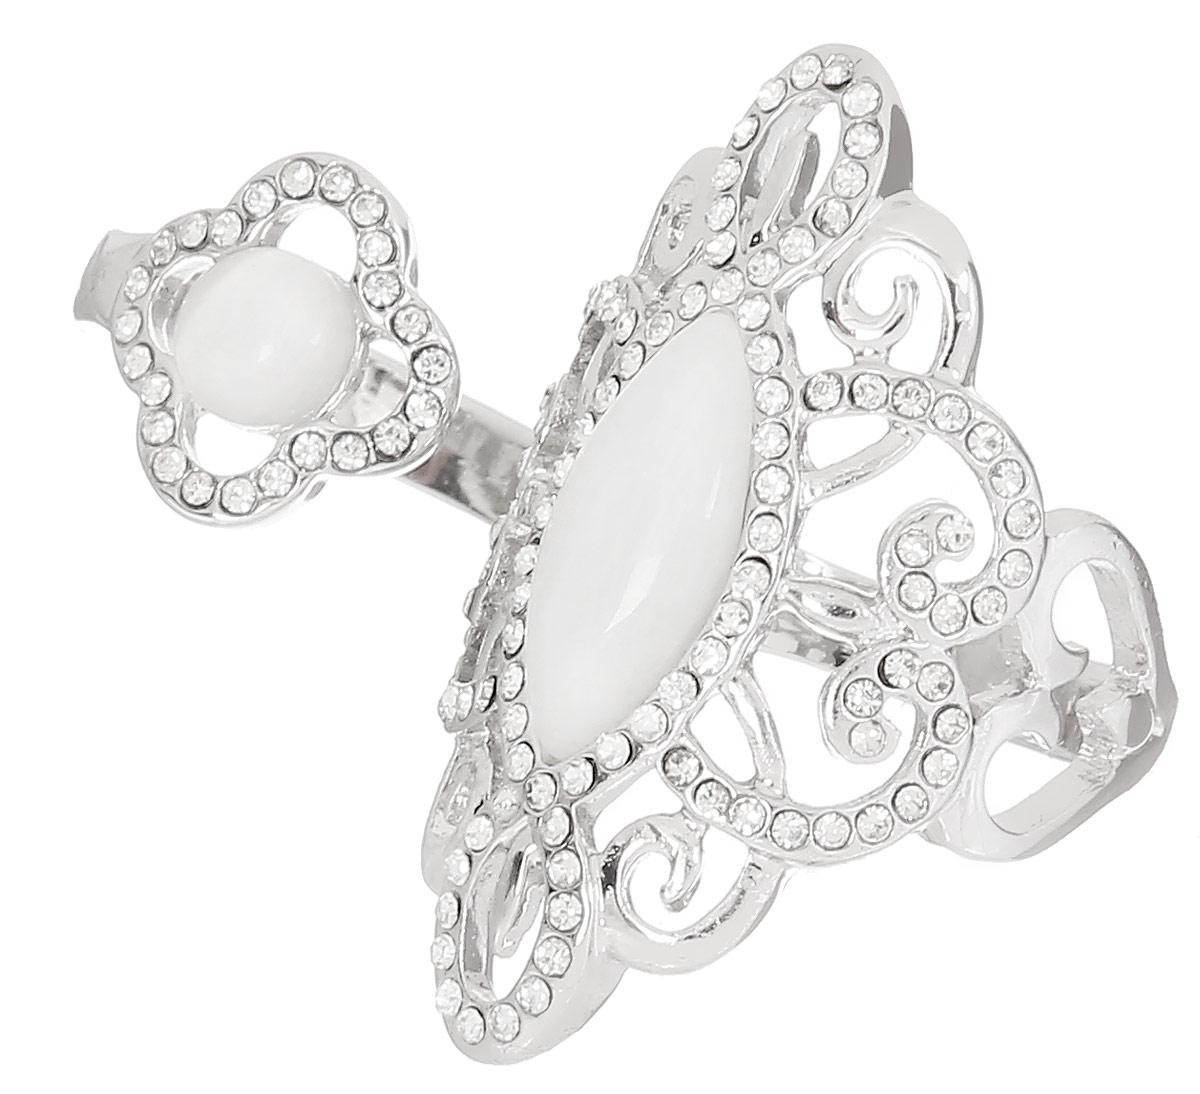 Кольцо на два пальца Art-Silver, цвет: серебристый. 069016-1319. Размер 17,5069016-1319Стильное кольцо на два пальца Art-Silver изготовлено из бижутерного сплава. Изделие надевается на два соседних пальца. Изделие оформлено мелкими цирконами и натуральным камнем кошачий глаз. Стильное кольцо придаст вашему образу изюминку и подчеркнет индивидуальность.